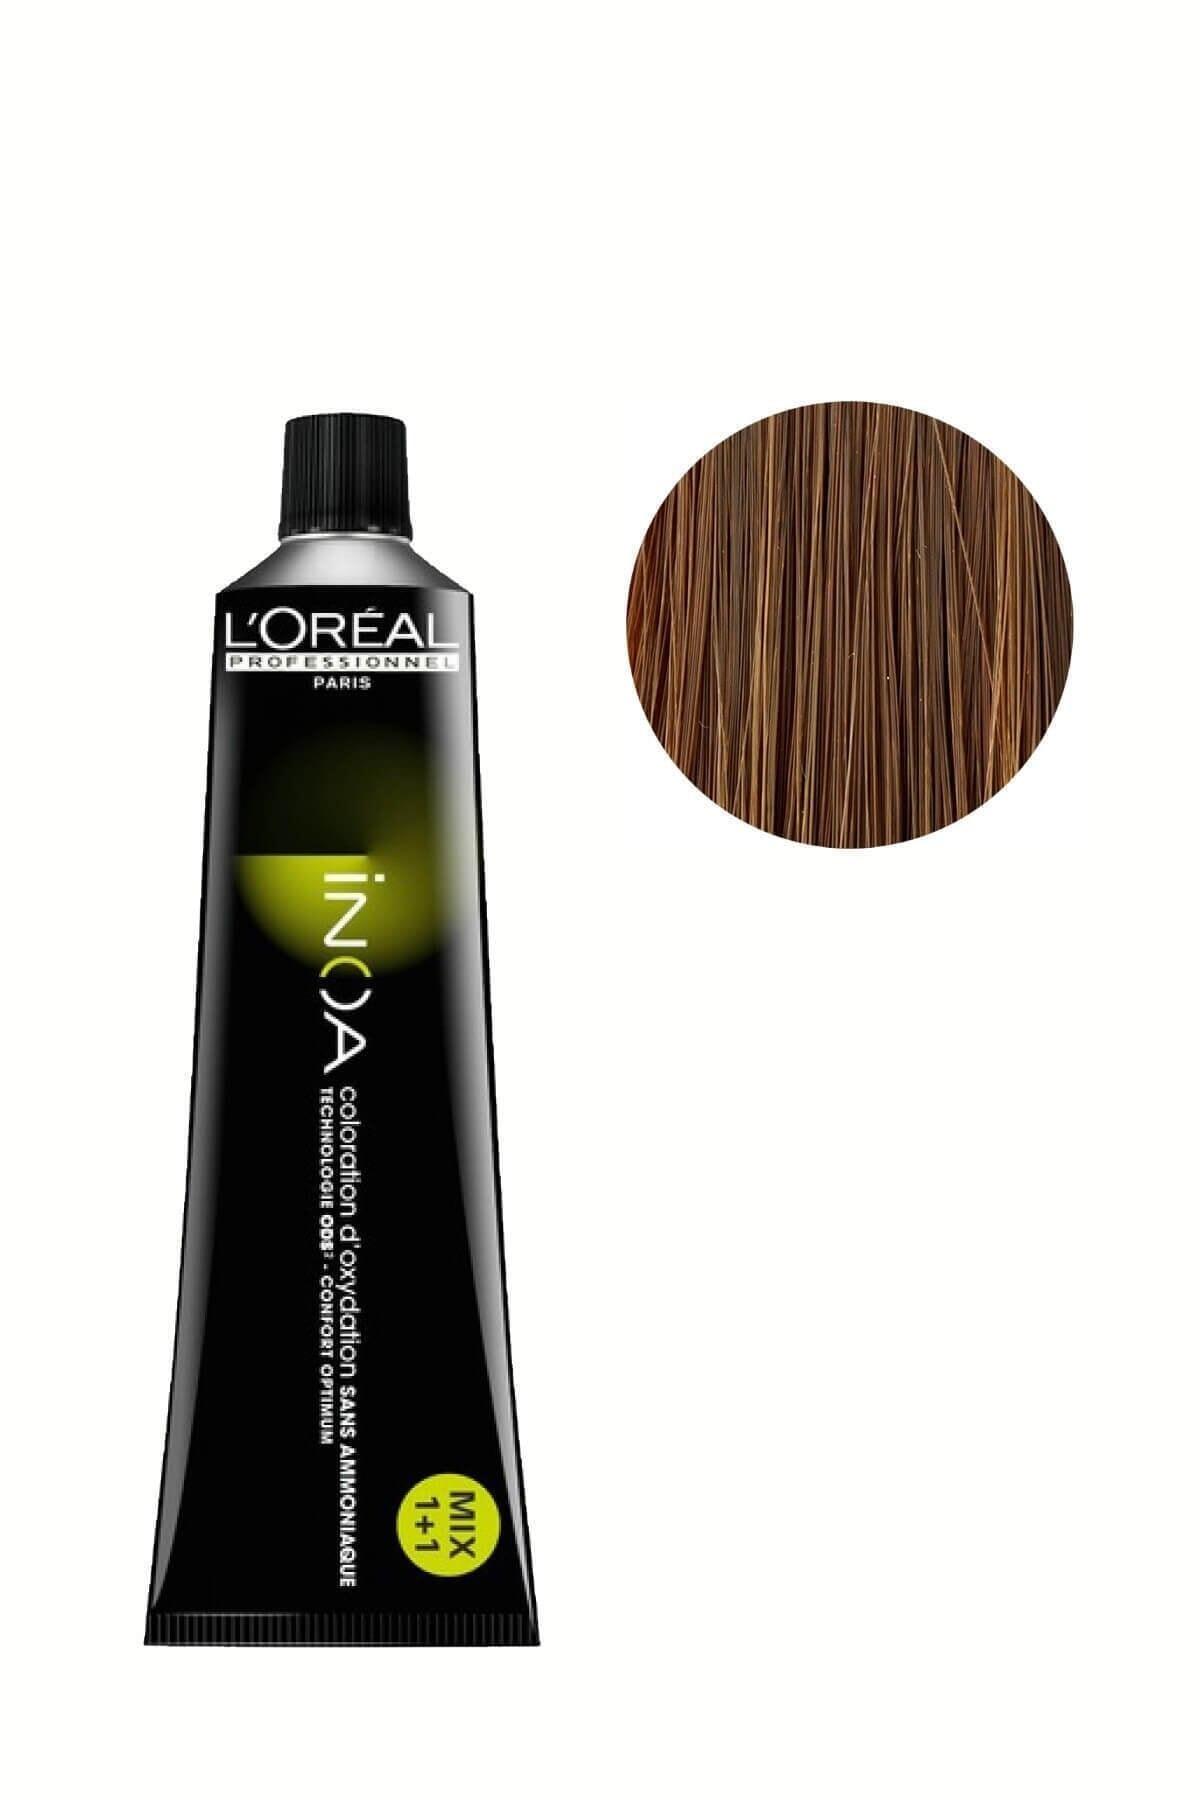 Loreal Professionnel Amonyaksız Saç Boyası 8.0 60ml